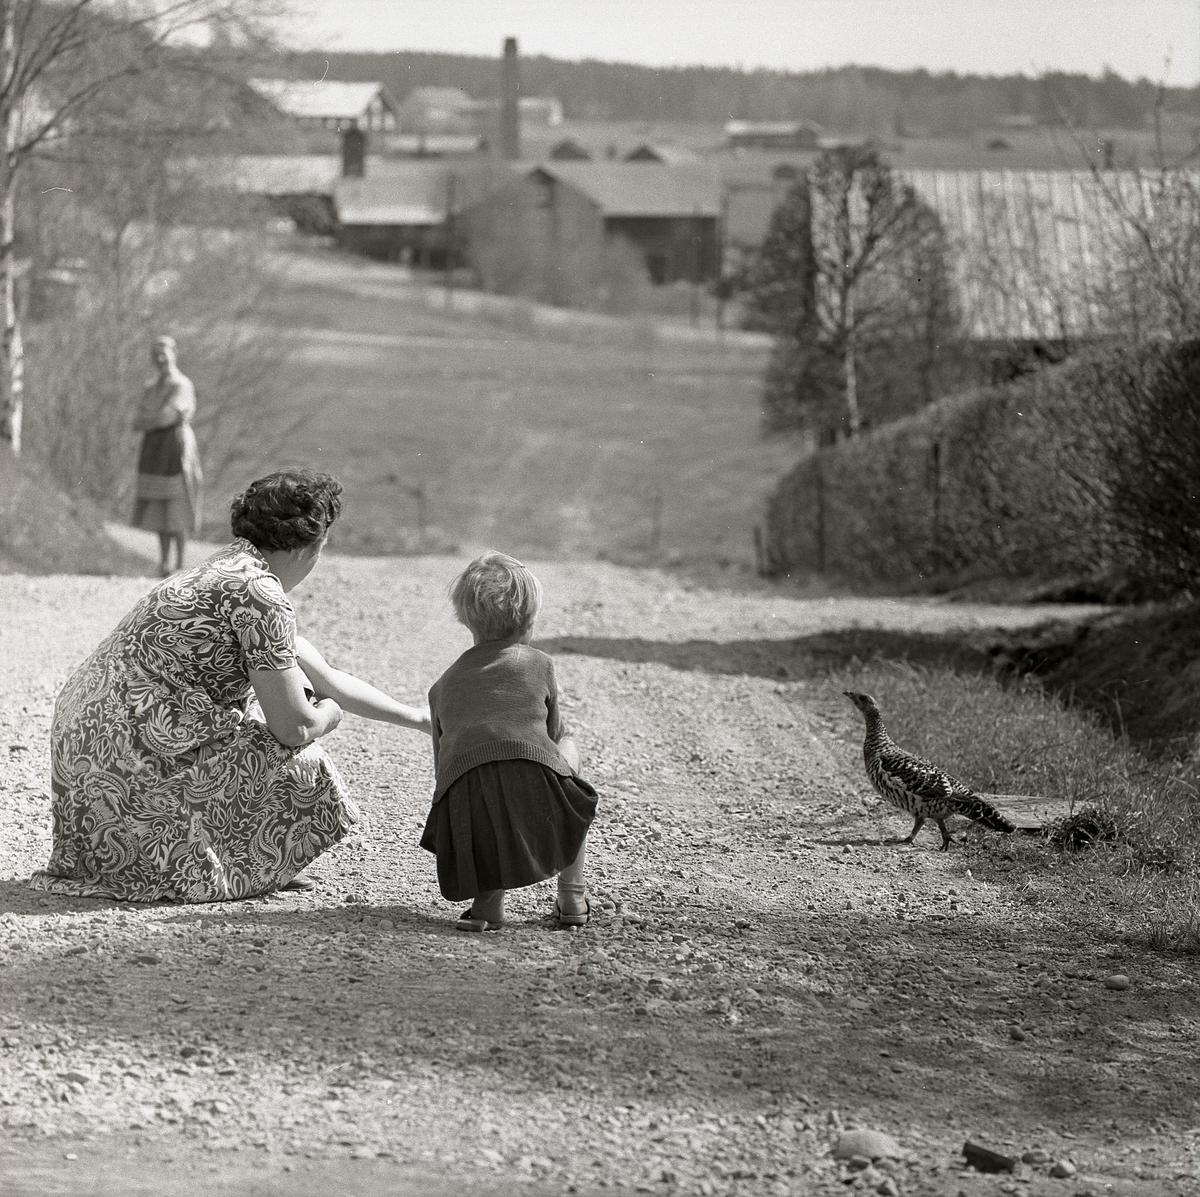 En kvinna och ett barn sitter på huk på en grusväg och tittar på en tjäderhöna, Krylbo 16 maj 1960.